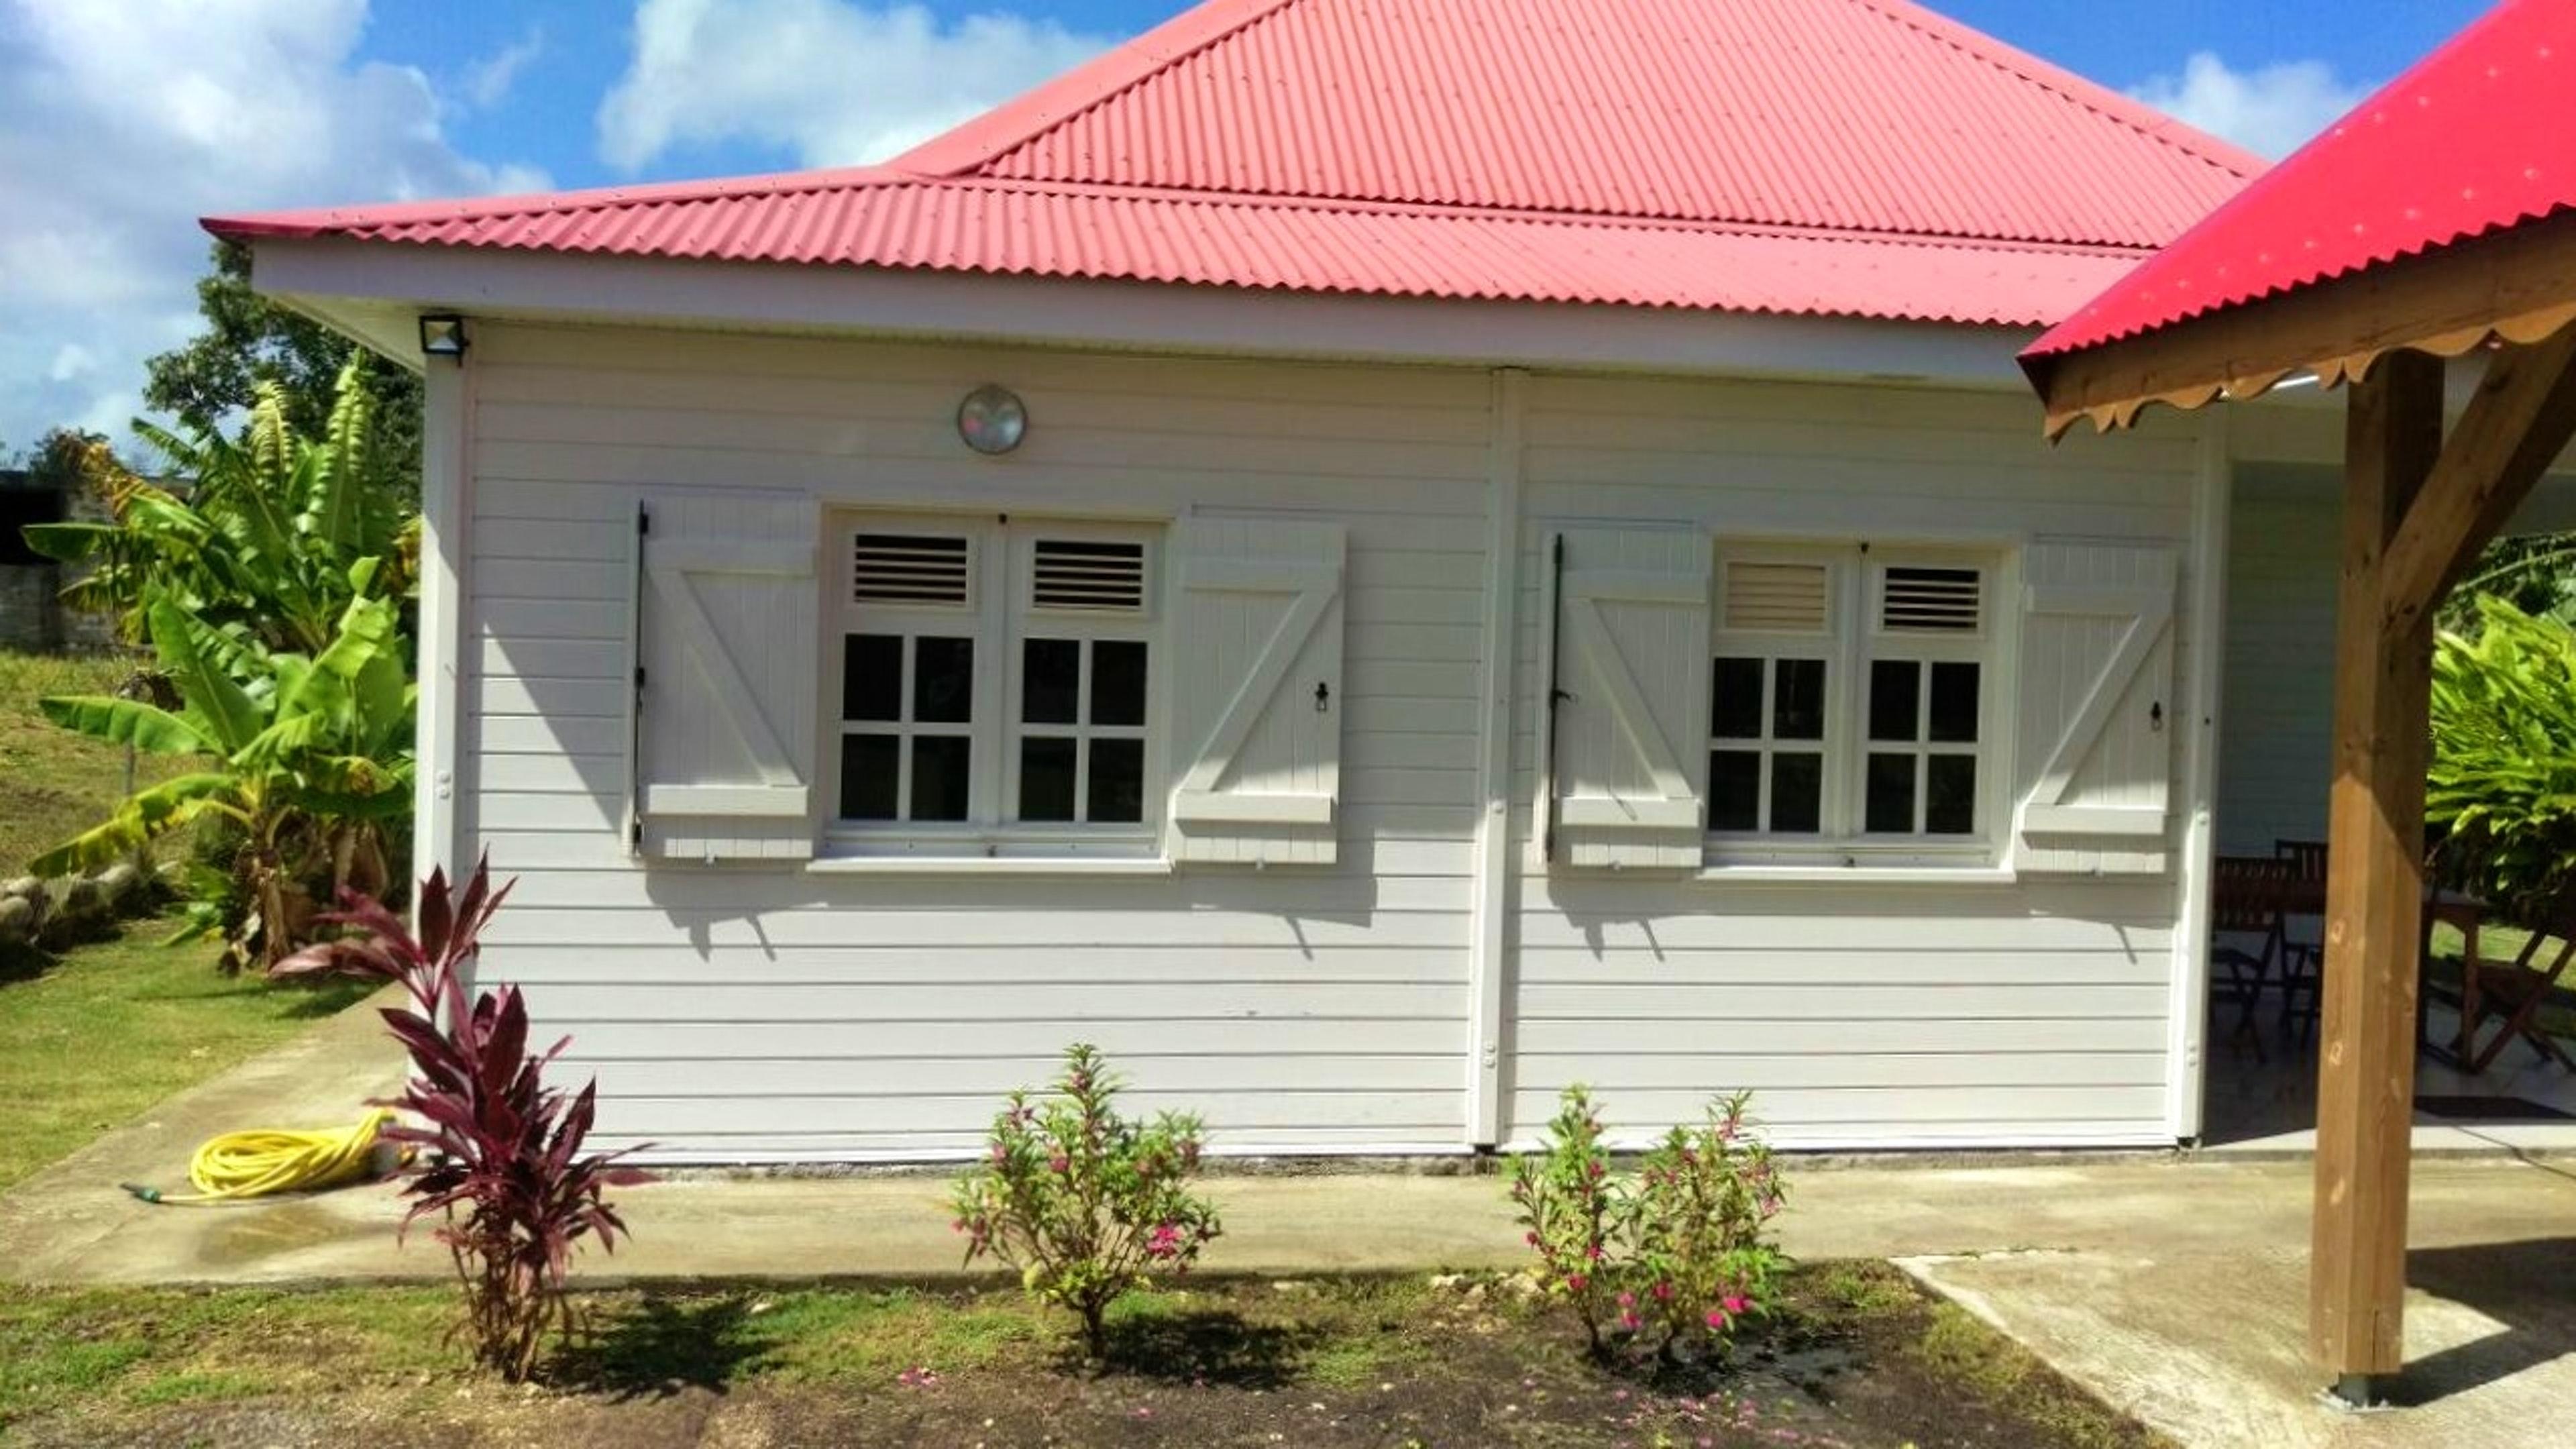 Villa mit 2 Schlafzimmern in Anse-Bertrand mit m&o Villa in Mittelamerika und Karibik